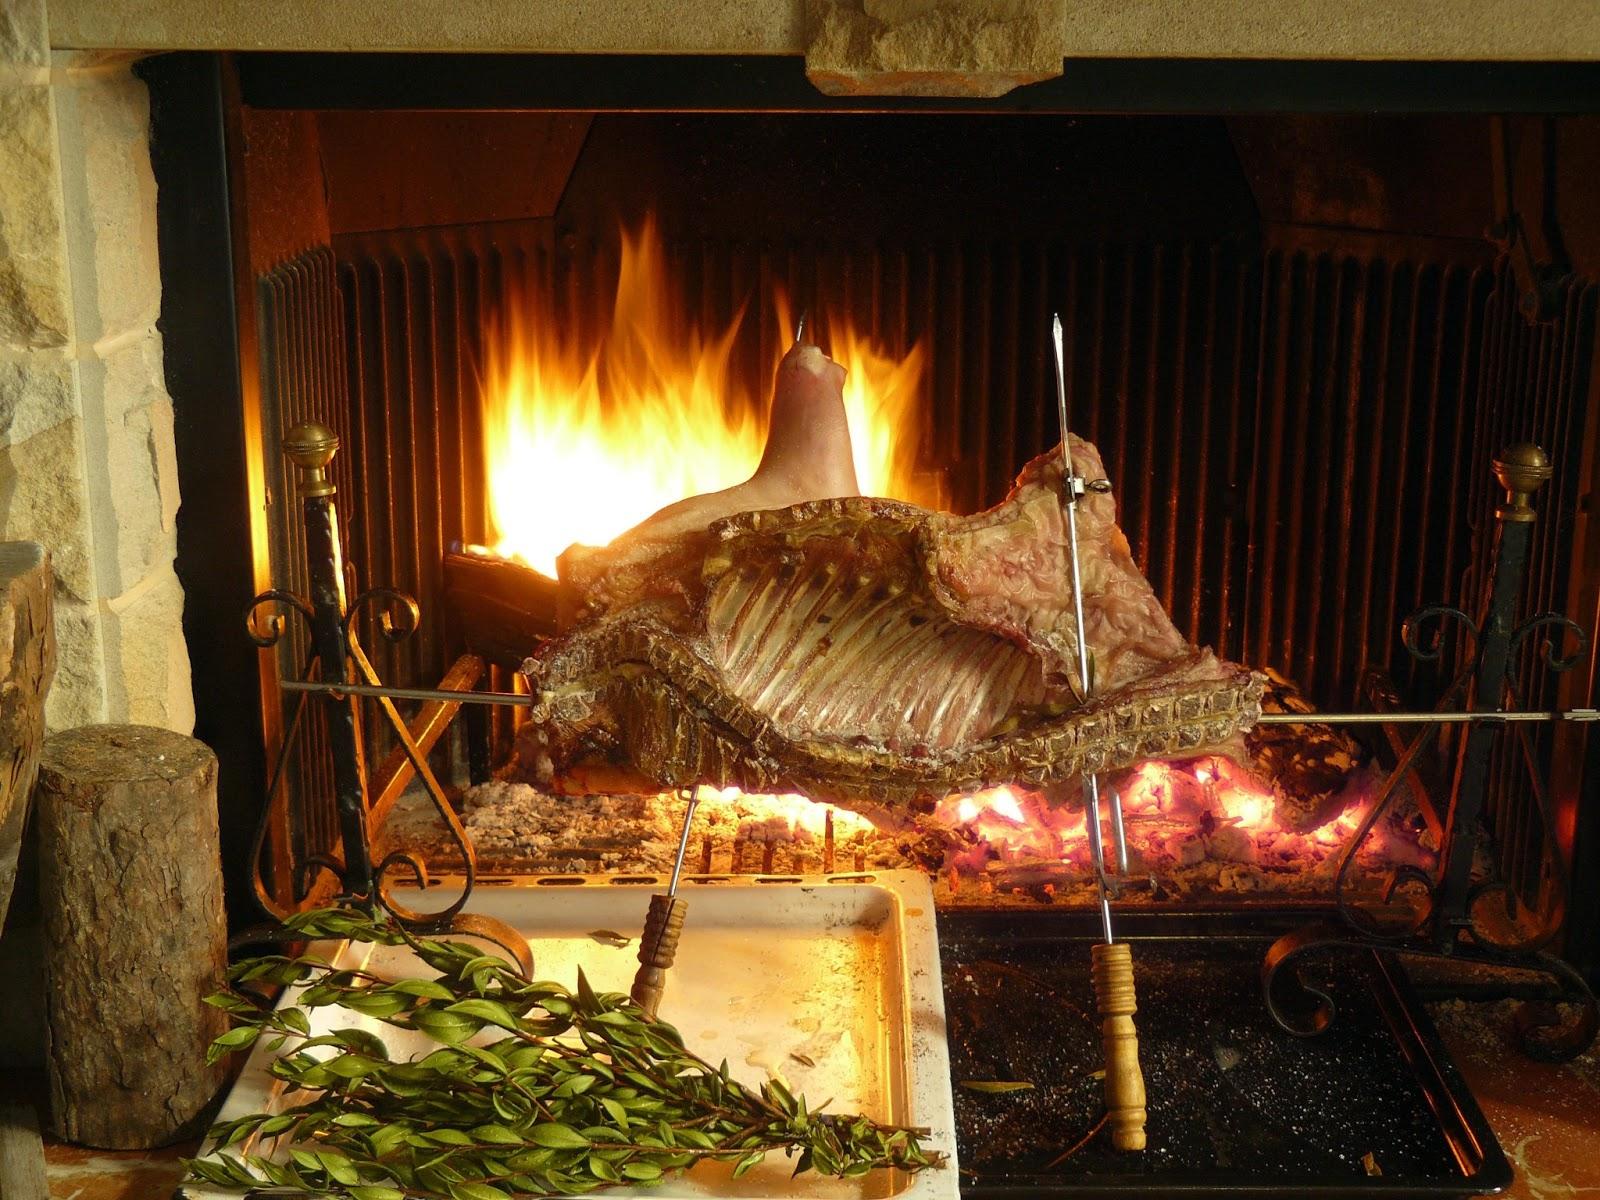 Porceddu al forno – Sardijns speenvarken uit de oven